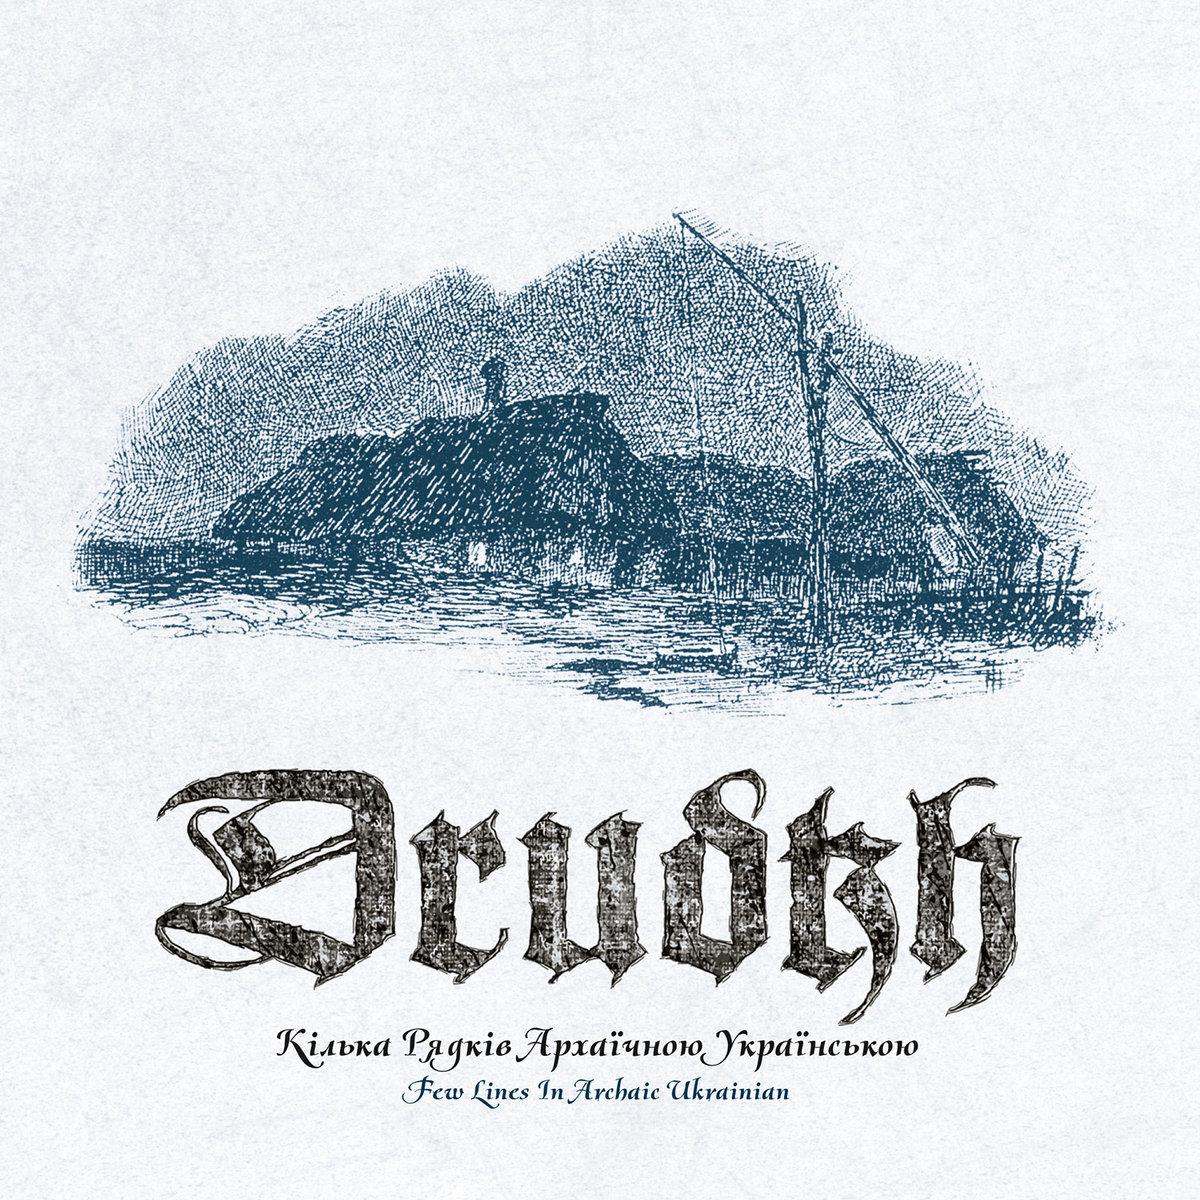 drudkh – Кілька рядків архаїчною українською (a few lines in archaic ukrainian)